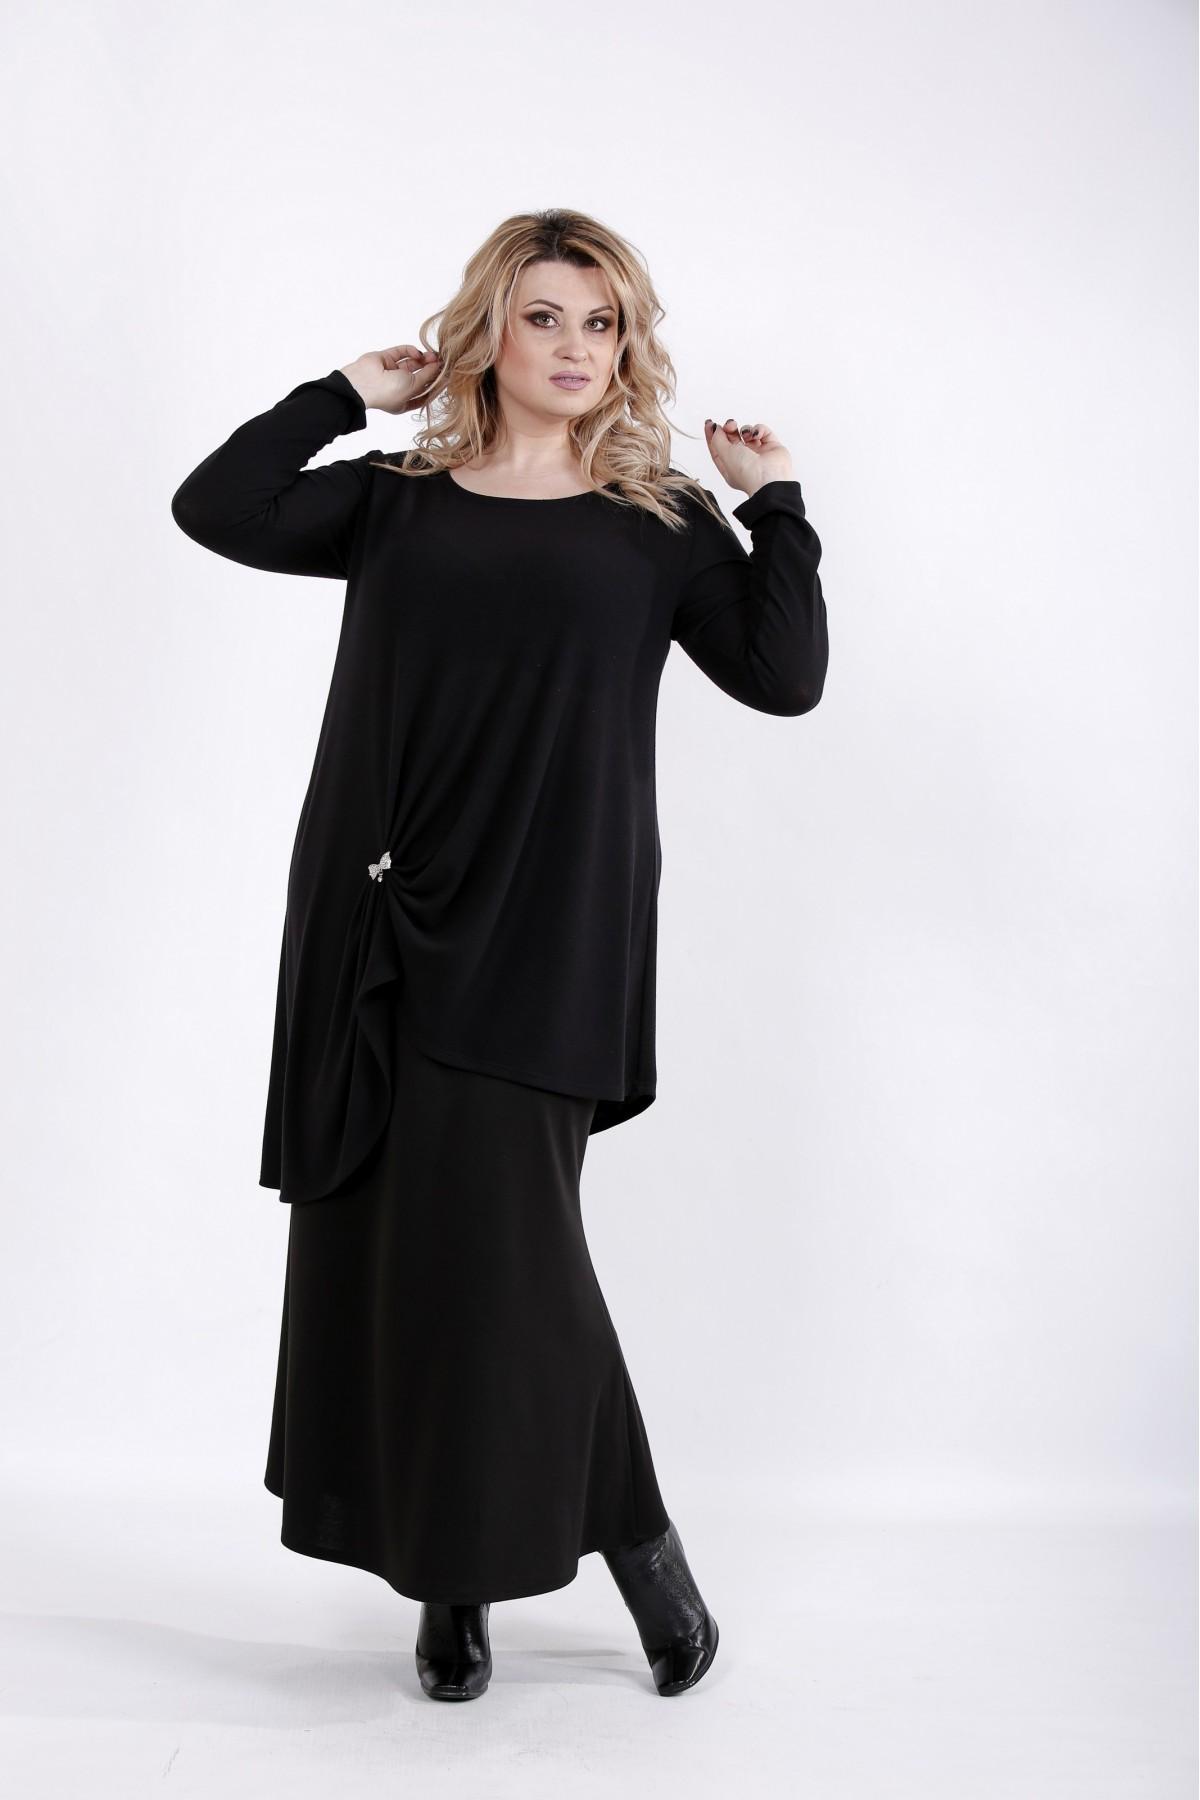 01031-1 | Черная свободная блузка